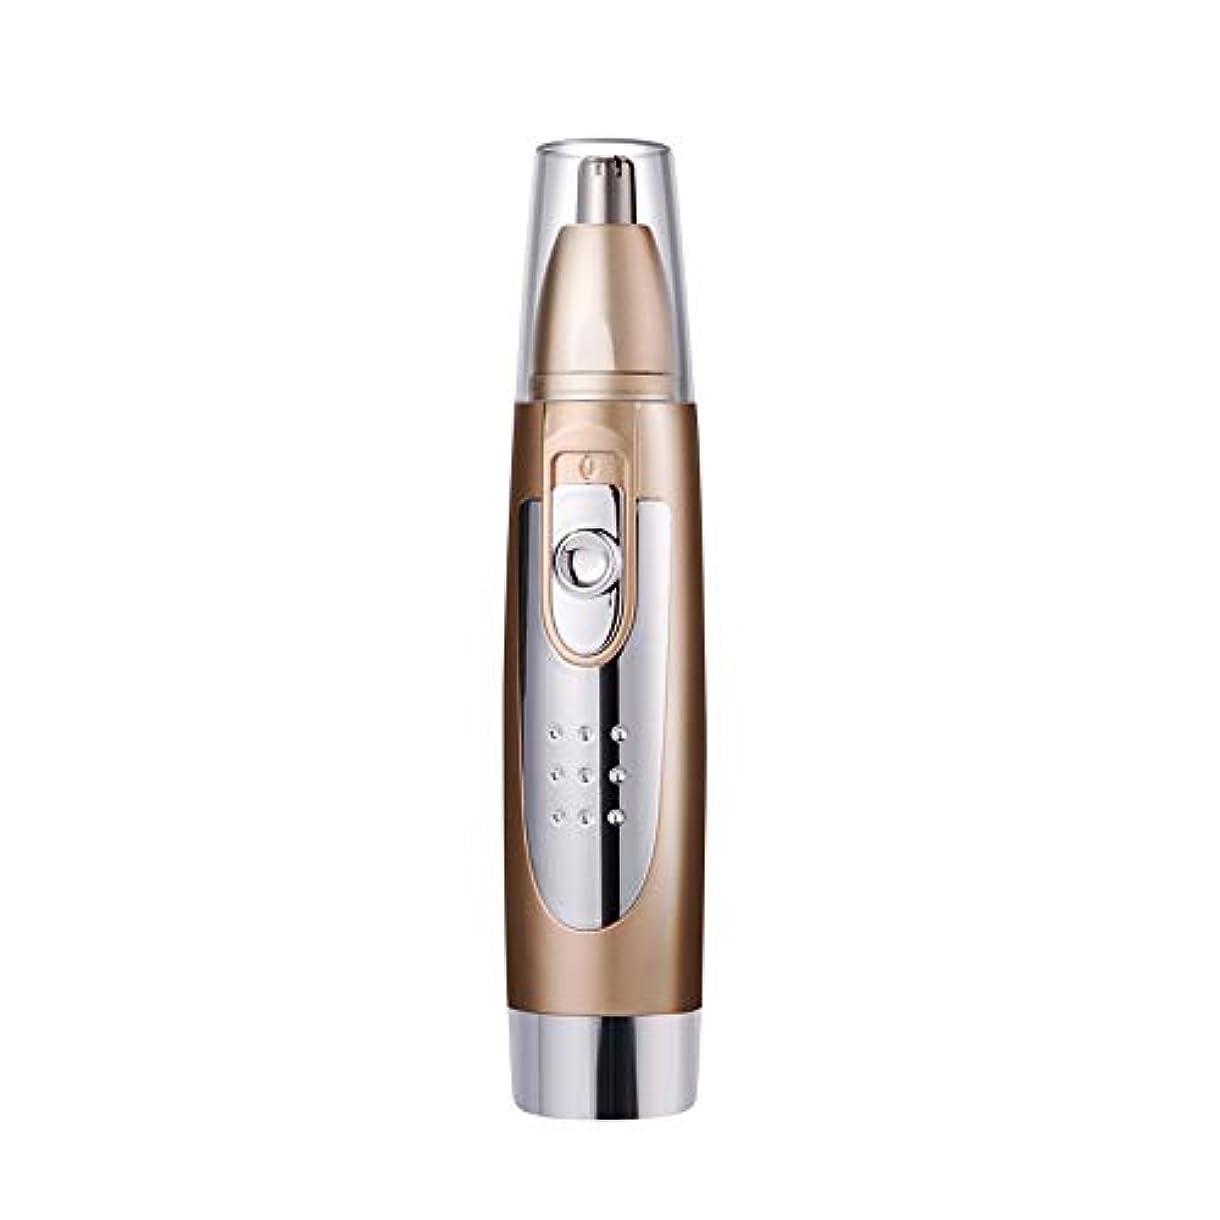 ウガンダ薬用ステートメントノーズヘアトリマー-カッターヘッドウォッシャブル/三次元曲面カッターヘッドデザイン/ 360°立体ノーズヘア/ 135mm 持つ価値があります